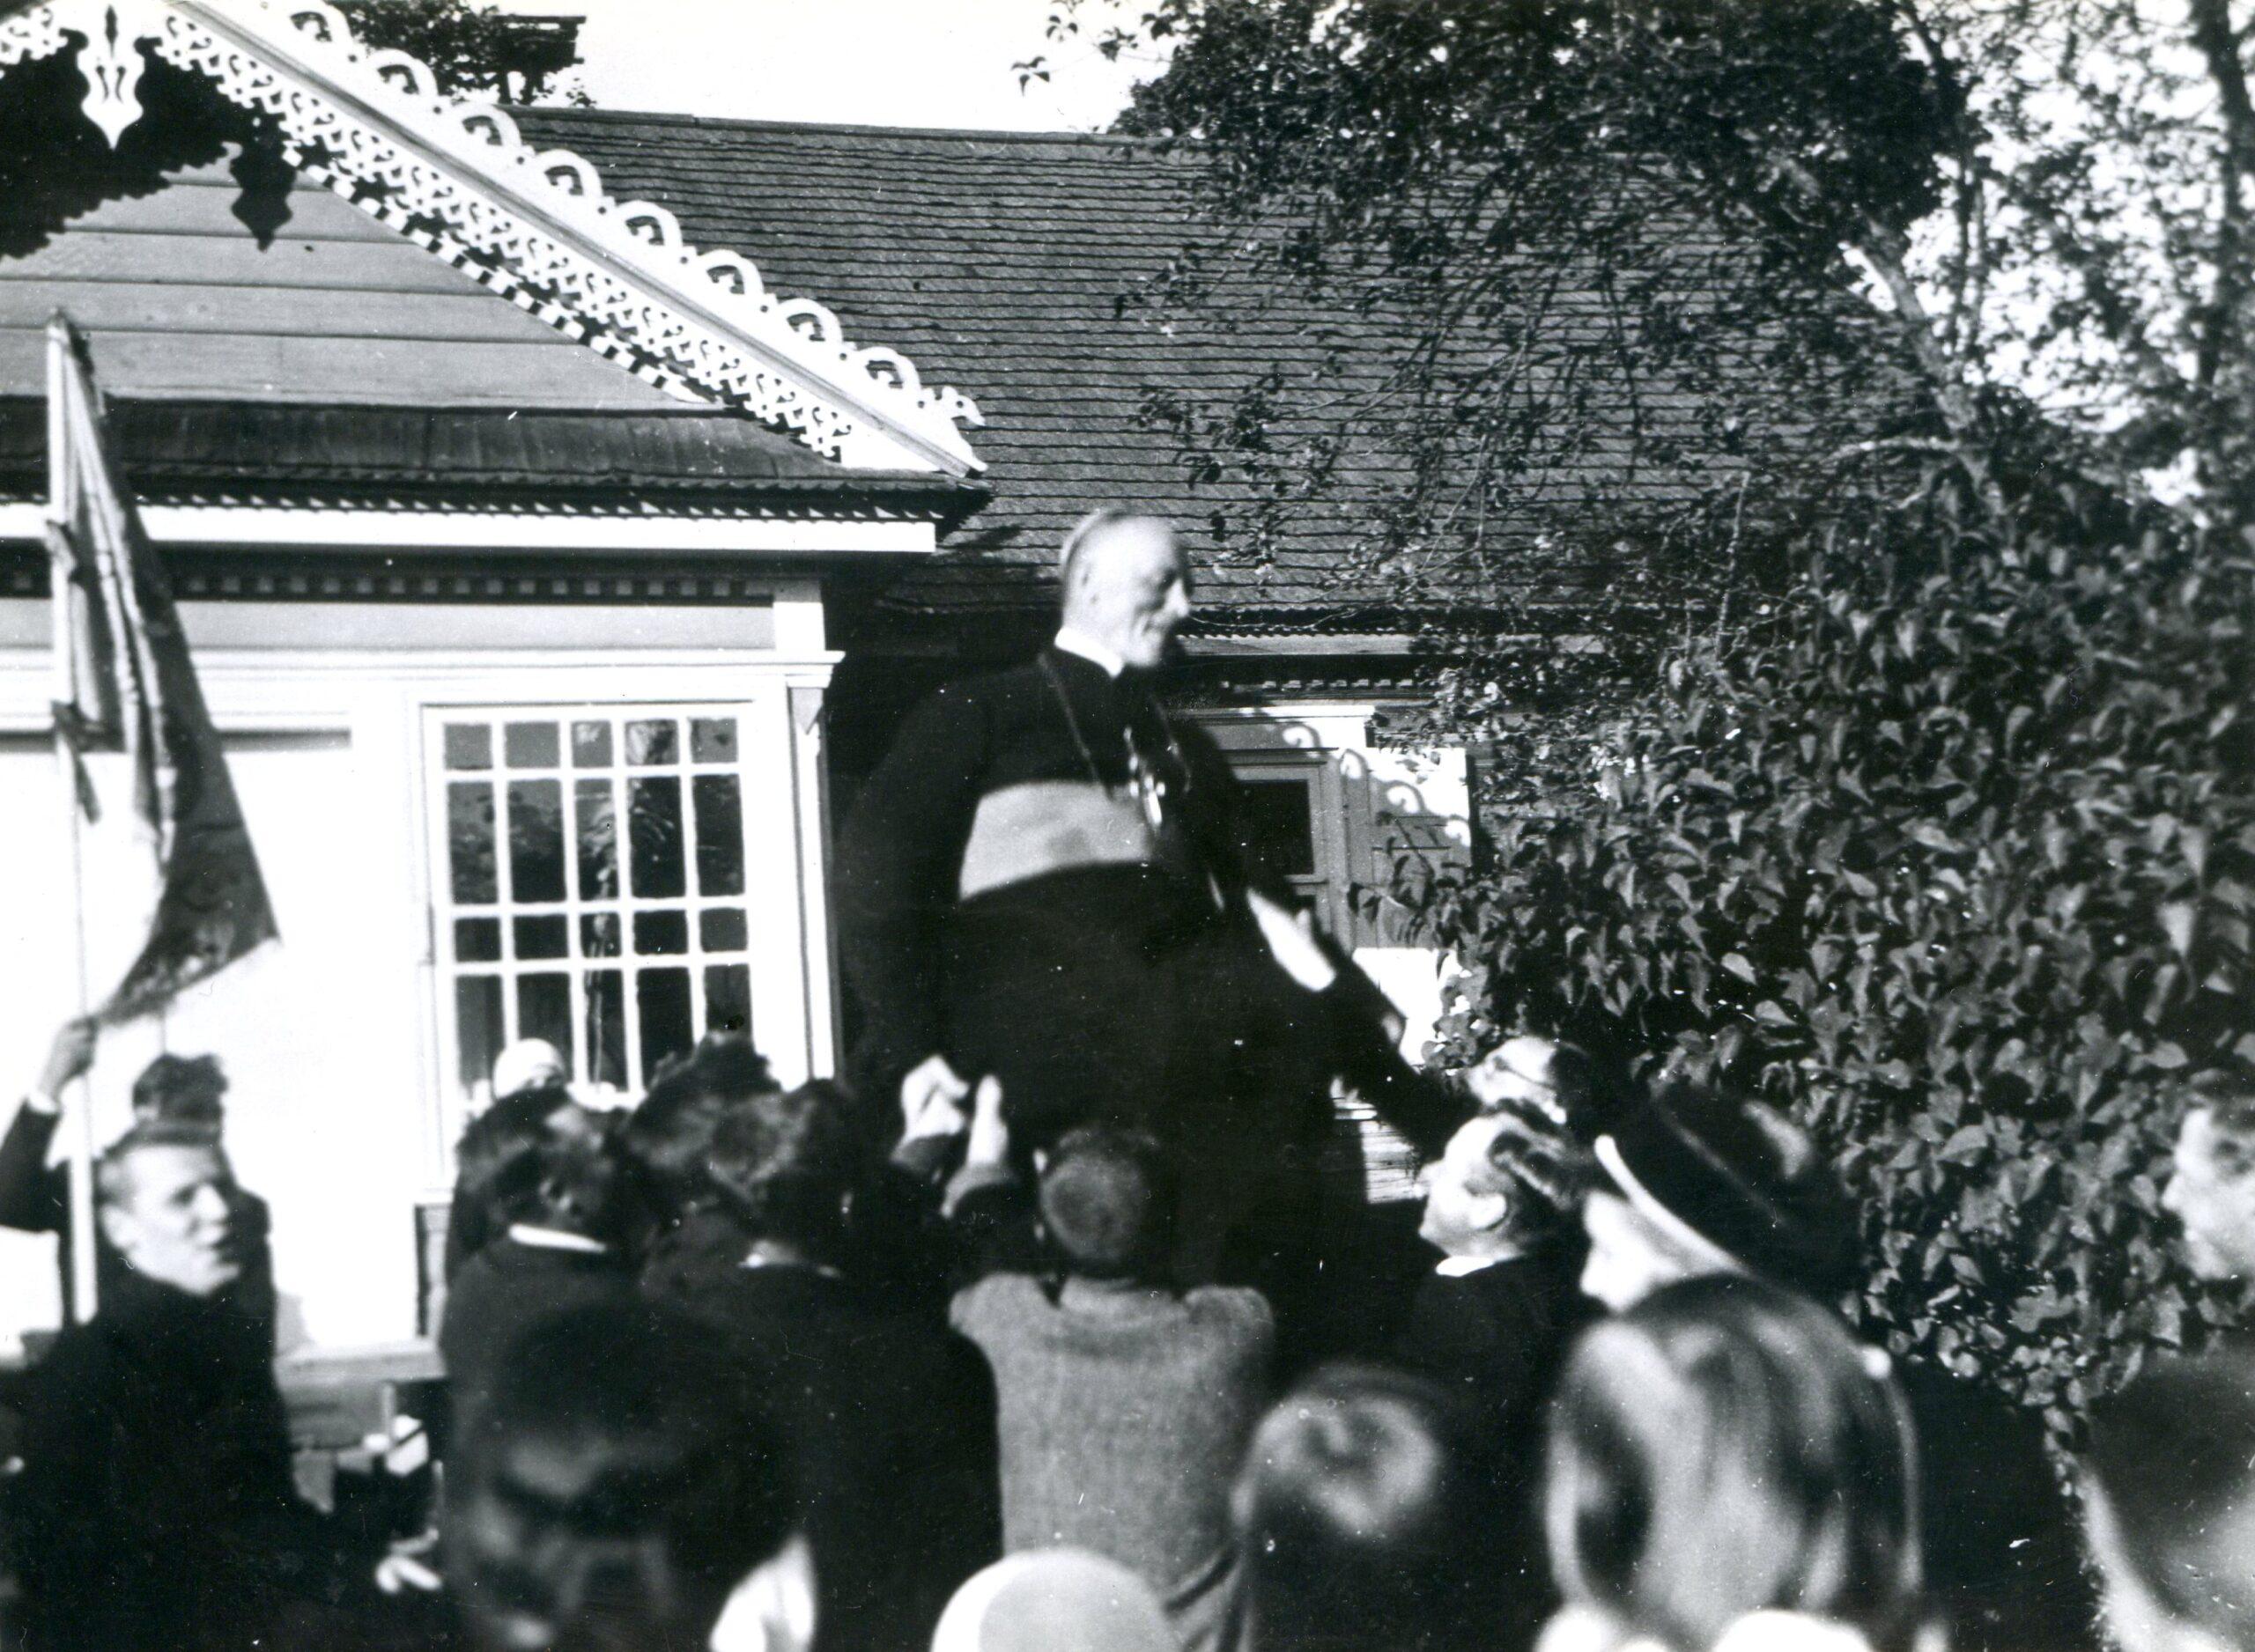 Žmonės ant rankų kilnoja vyskupą.